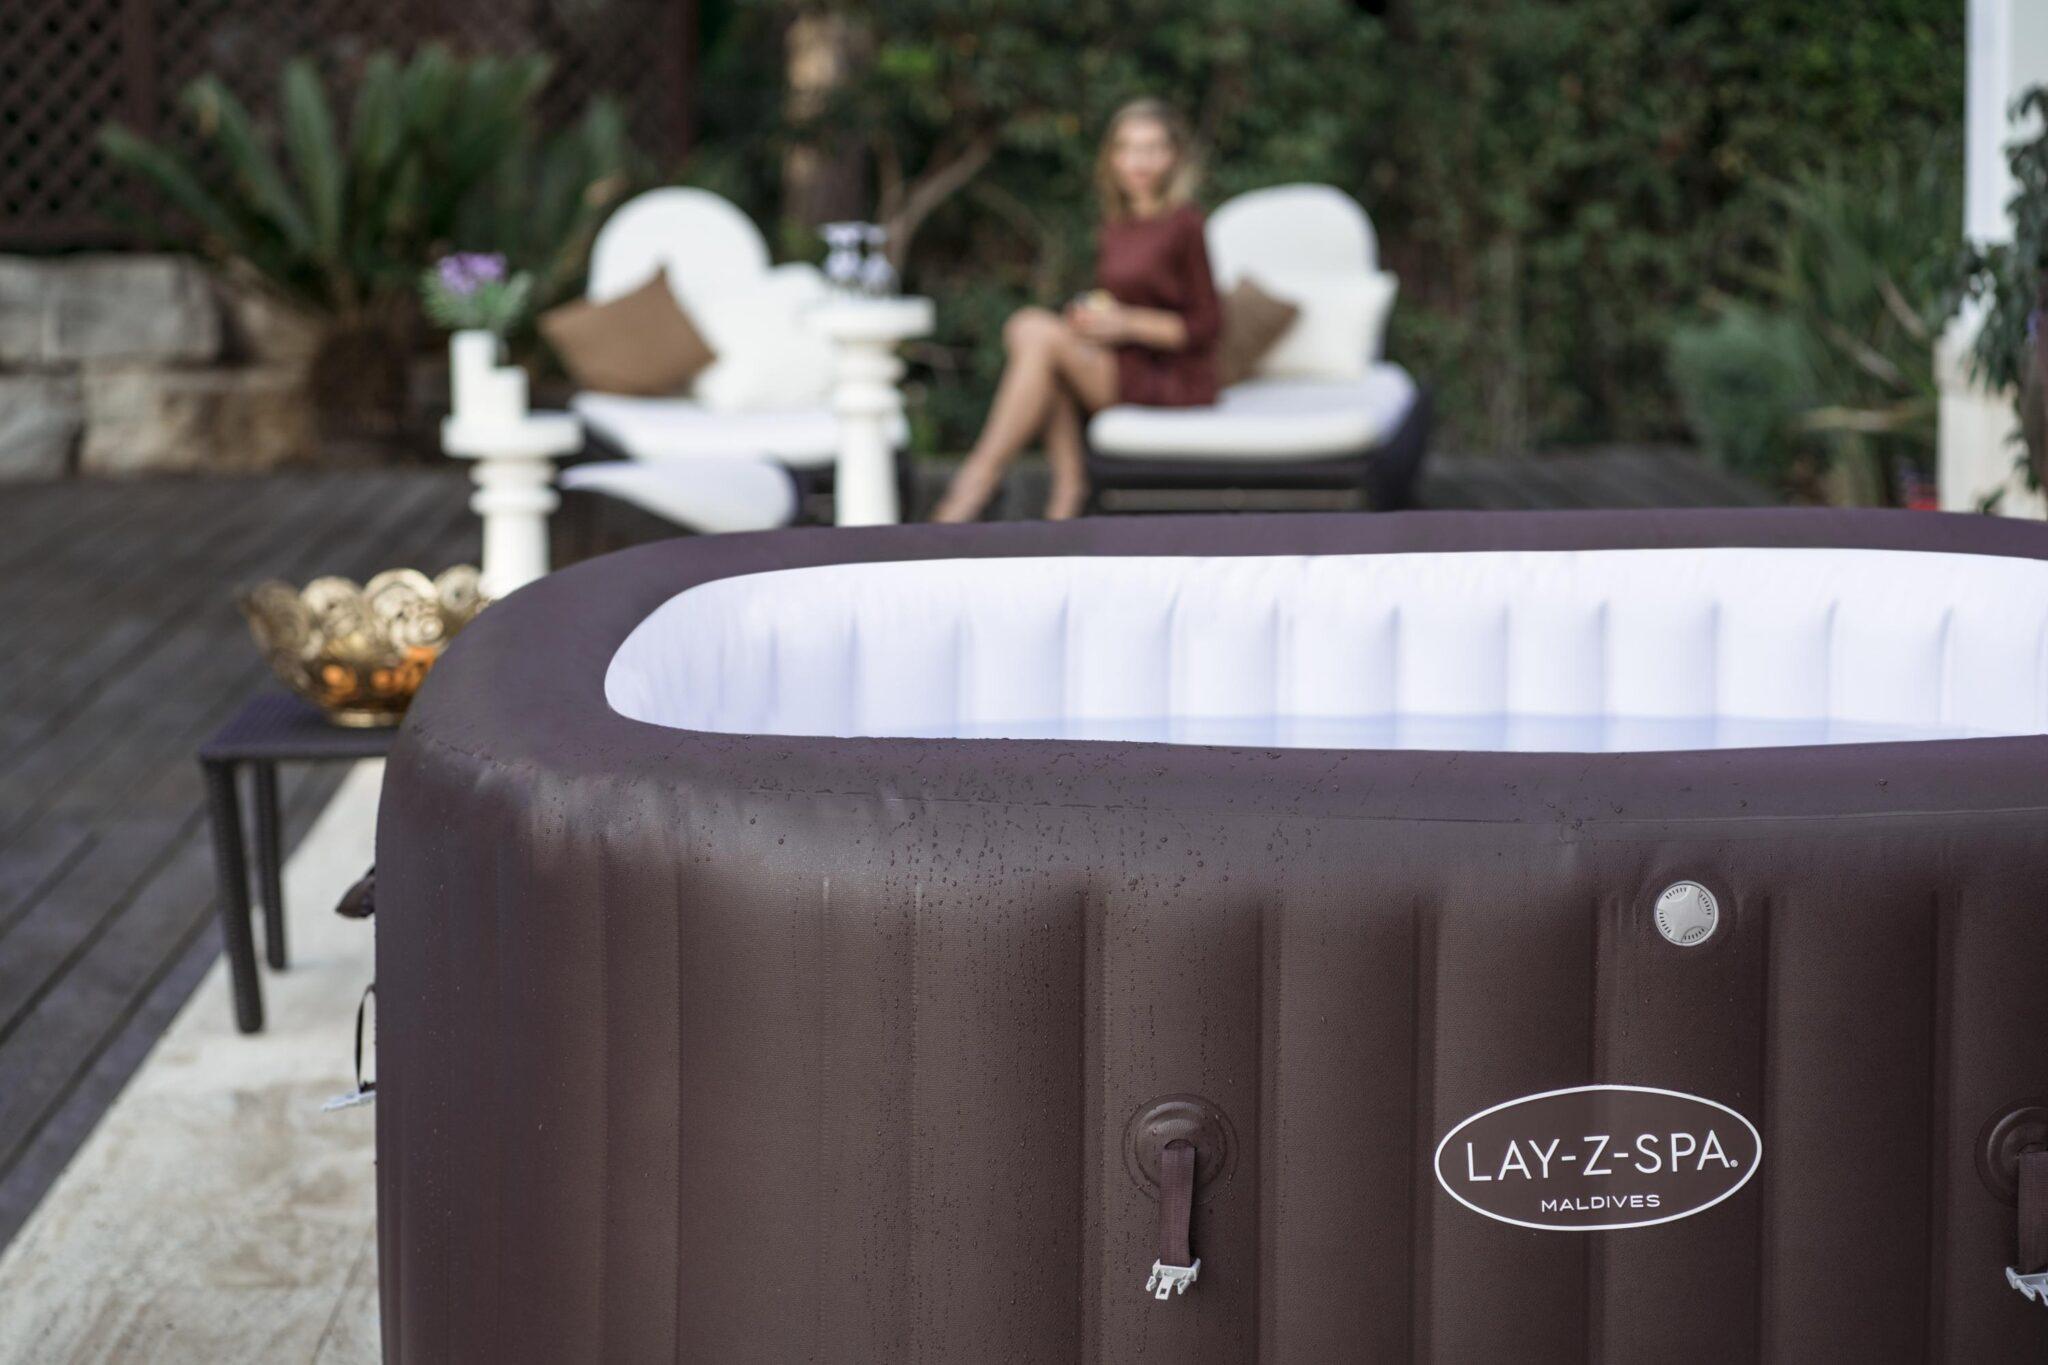 Quelle ambiance créer avec votre Lay-Z-Spa dans un jardin d'hiver